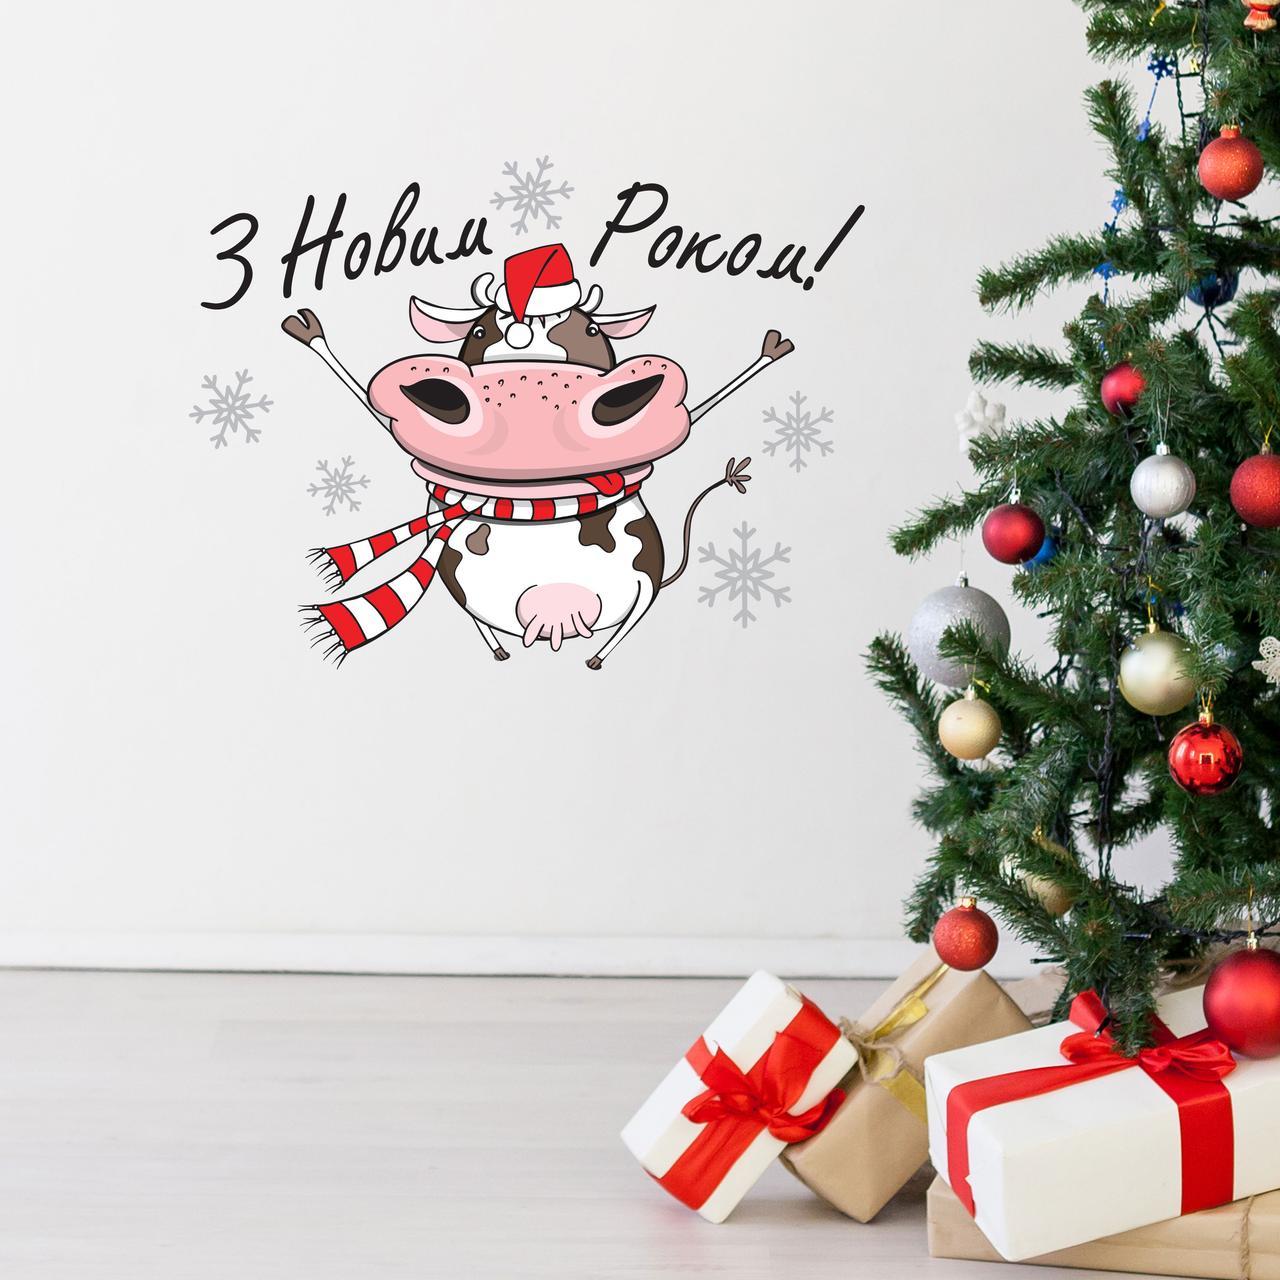 Наклейка Веселый новогодний бык 550x420 мм Новогодняя виниловая наклейка ( новый год 2021, наклейки, украшение